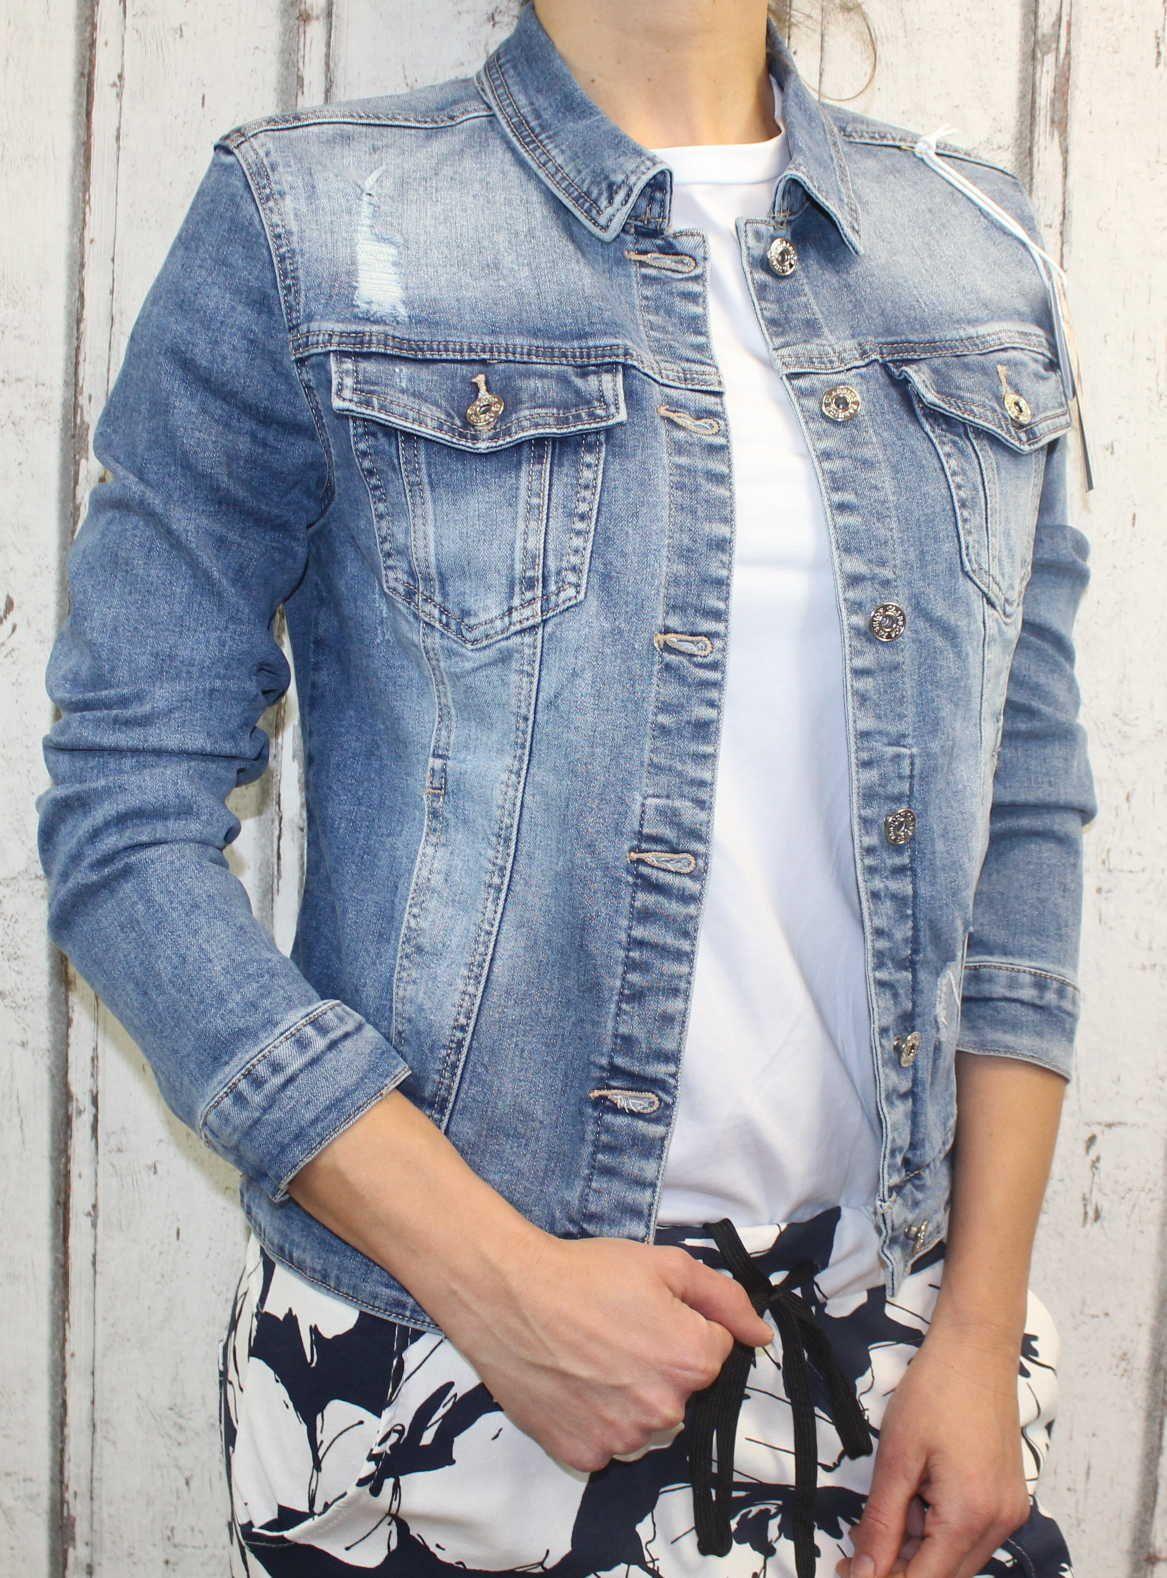 Dámská džínová bunda modrá, letní džínová bunda, džínová elastická bunda, modrá džíska, modrá džínová bundička Italy Moda